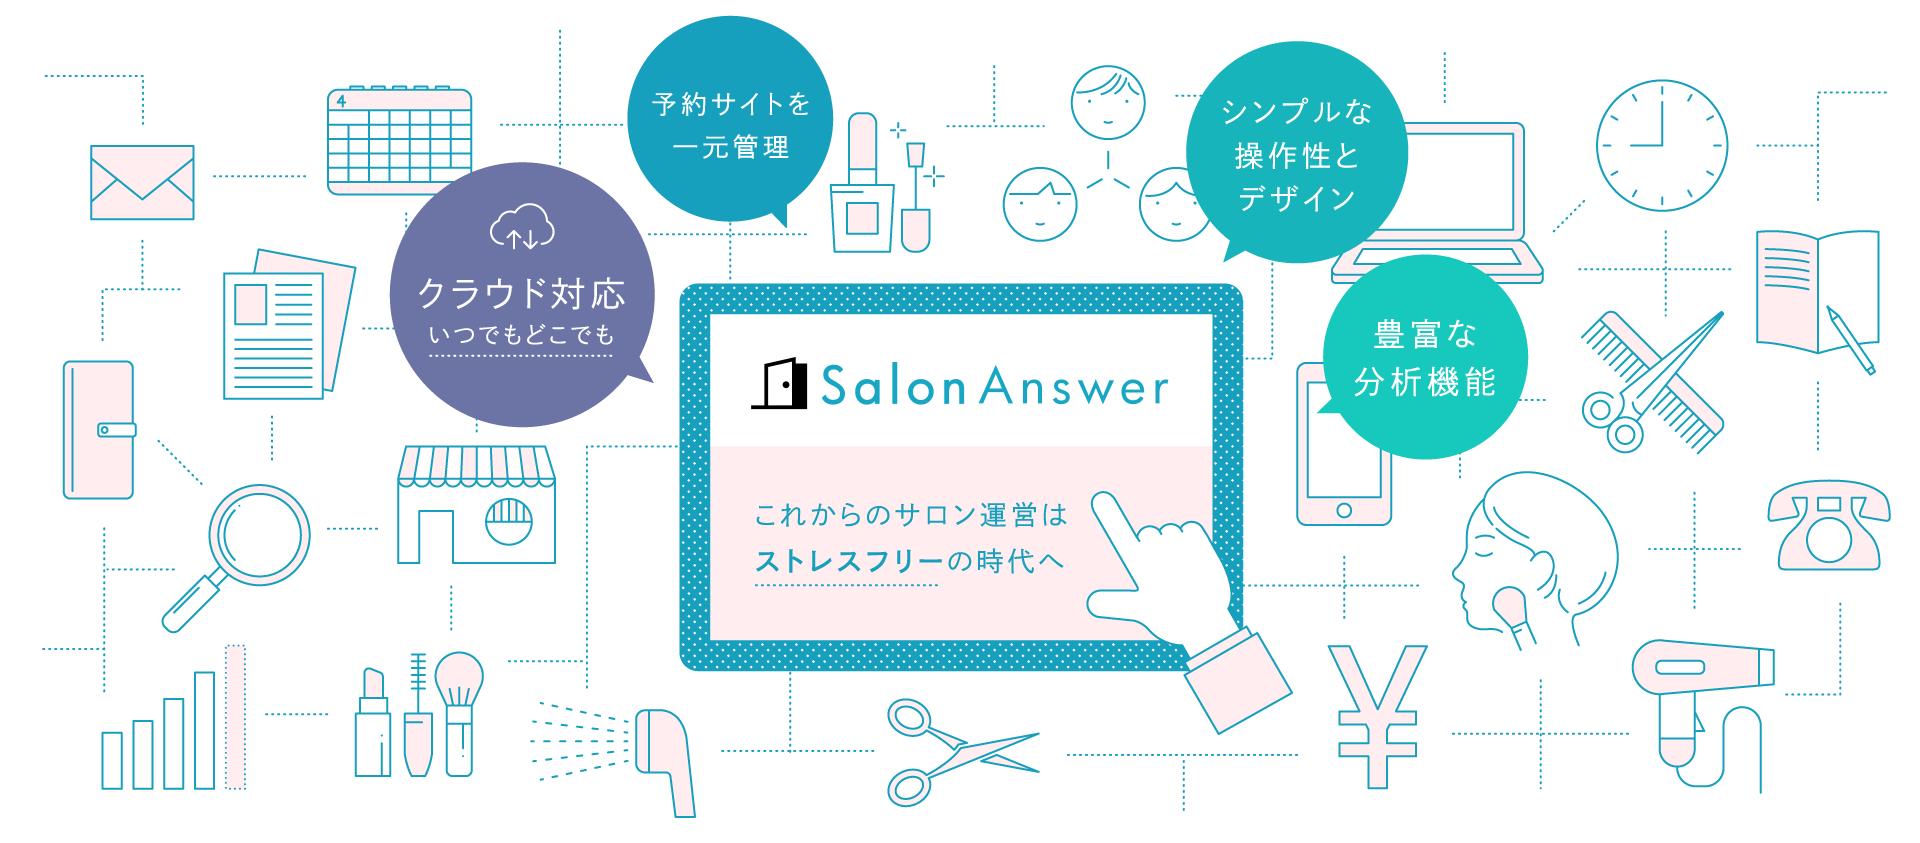 美容室の POS・顧客管理・ネット予約 | サロンアンサー